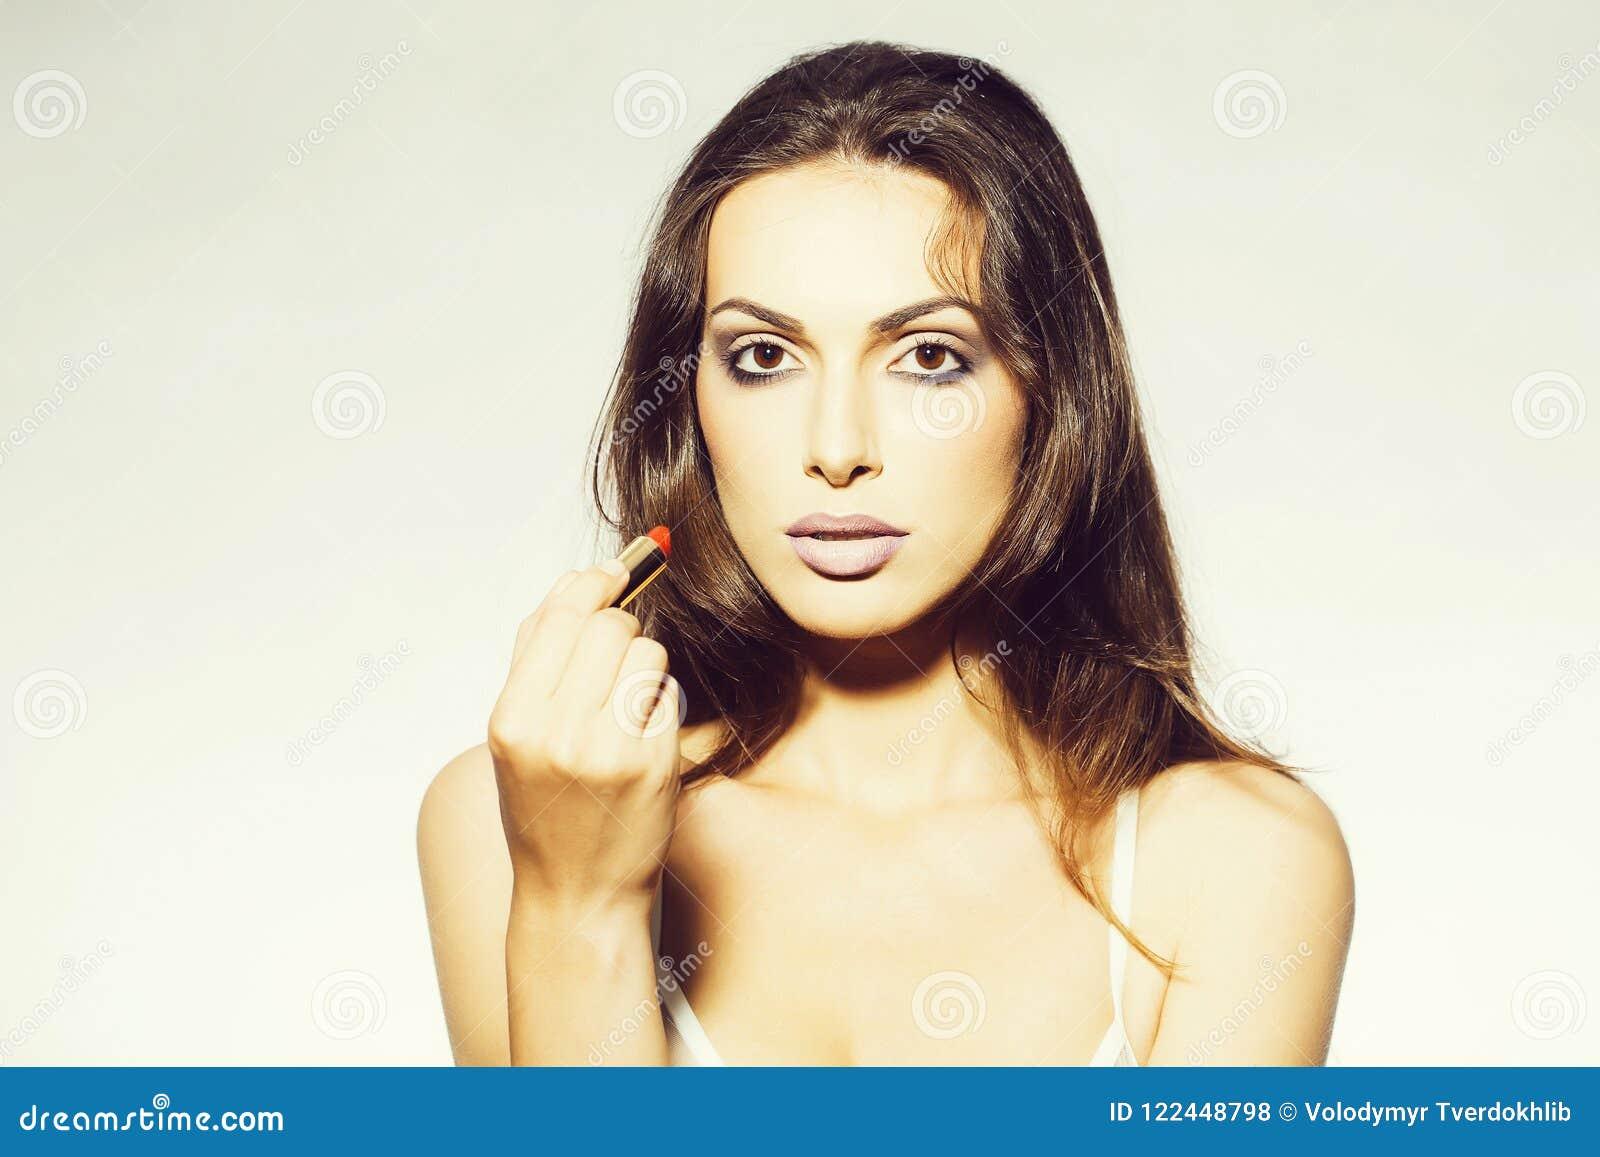 9e9c15e0f85e Mujer joven con maquillaje en cara bonita y el pelo moreno largo en  sujetador blanco atractivo en el cuerpo que sostiene el lápiz labial rojo  de moda en ...